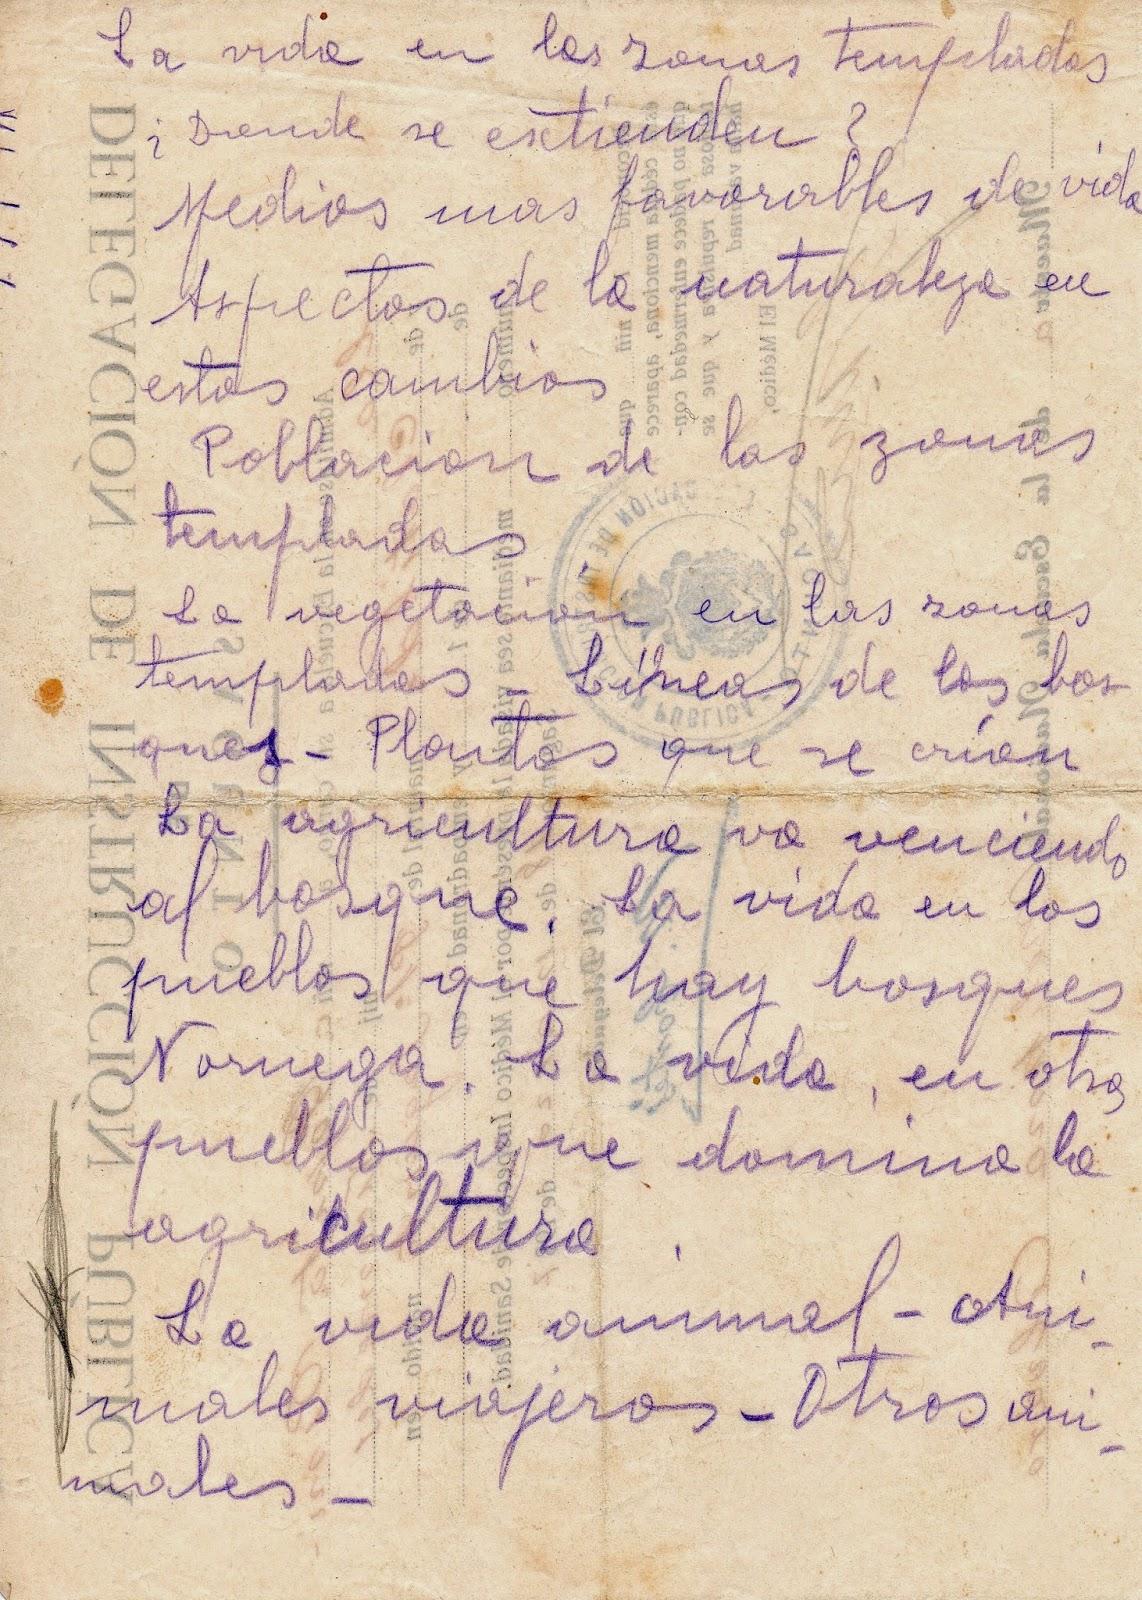 Notas de la abuela sobre diferentes aspectos de la vida en las zonas templadas